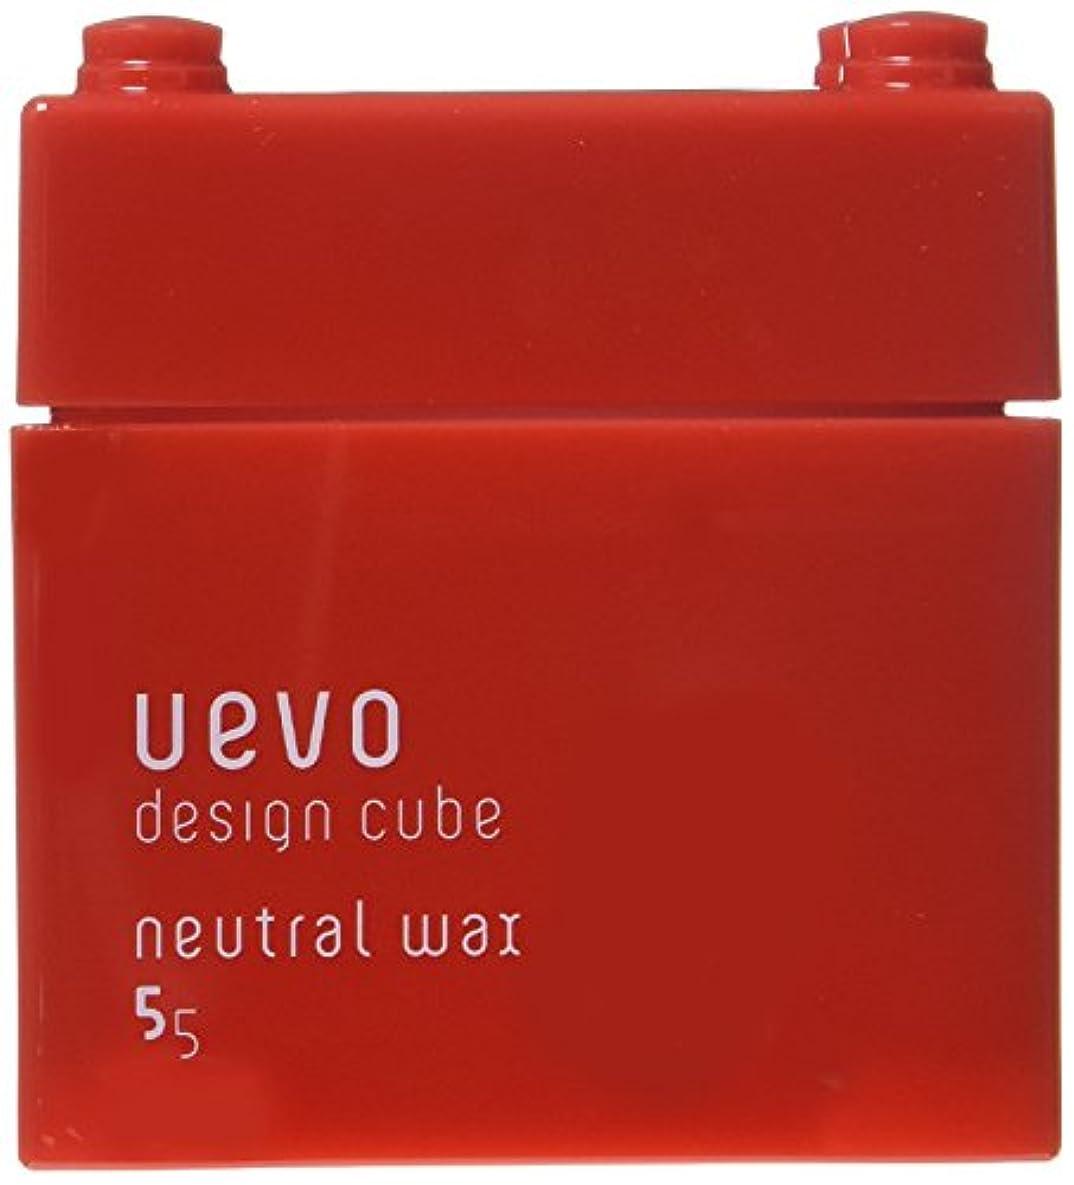 合計シャーク泥棒ウェーボ デザインキューブ ニュートラルワックス 80g